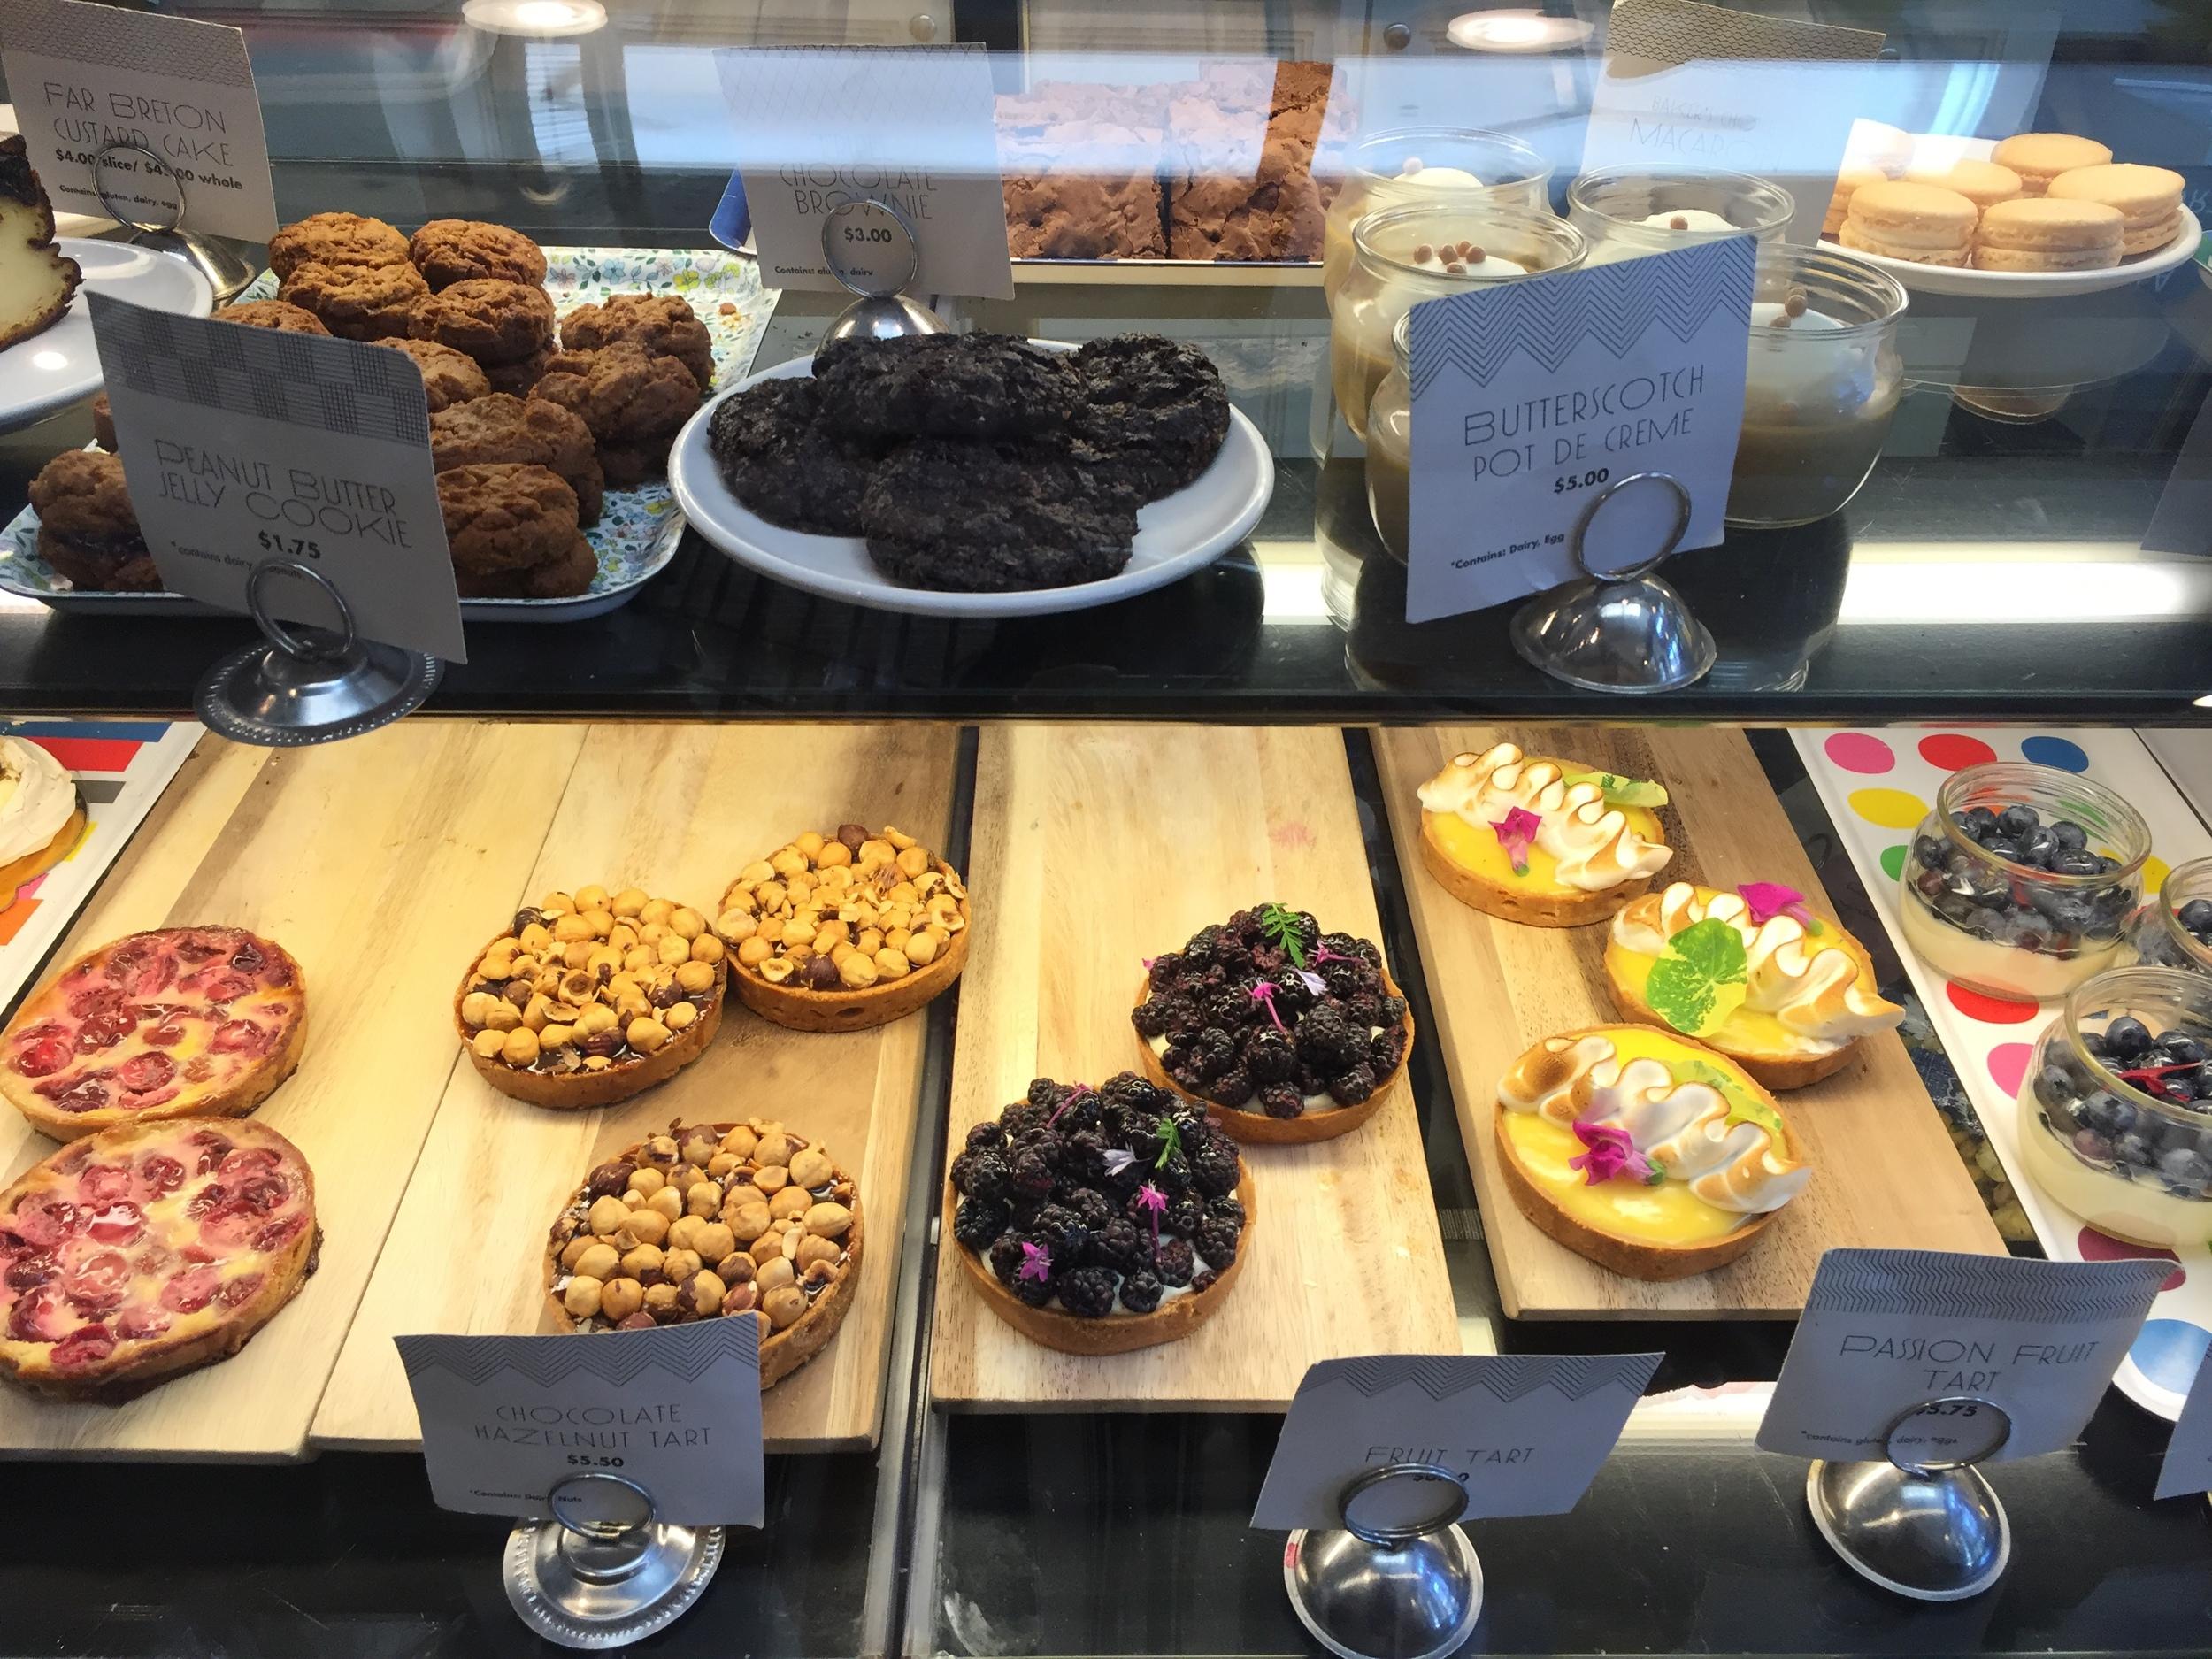 chicago-restaurants-cafe-floriole-dessert-tarts